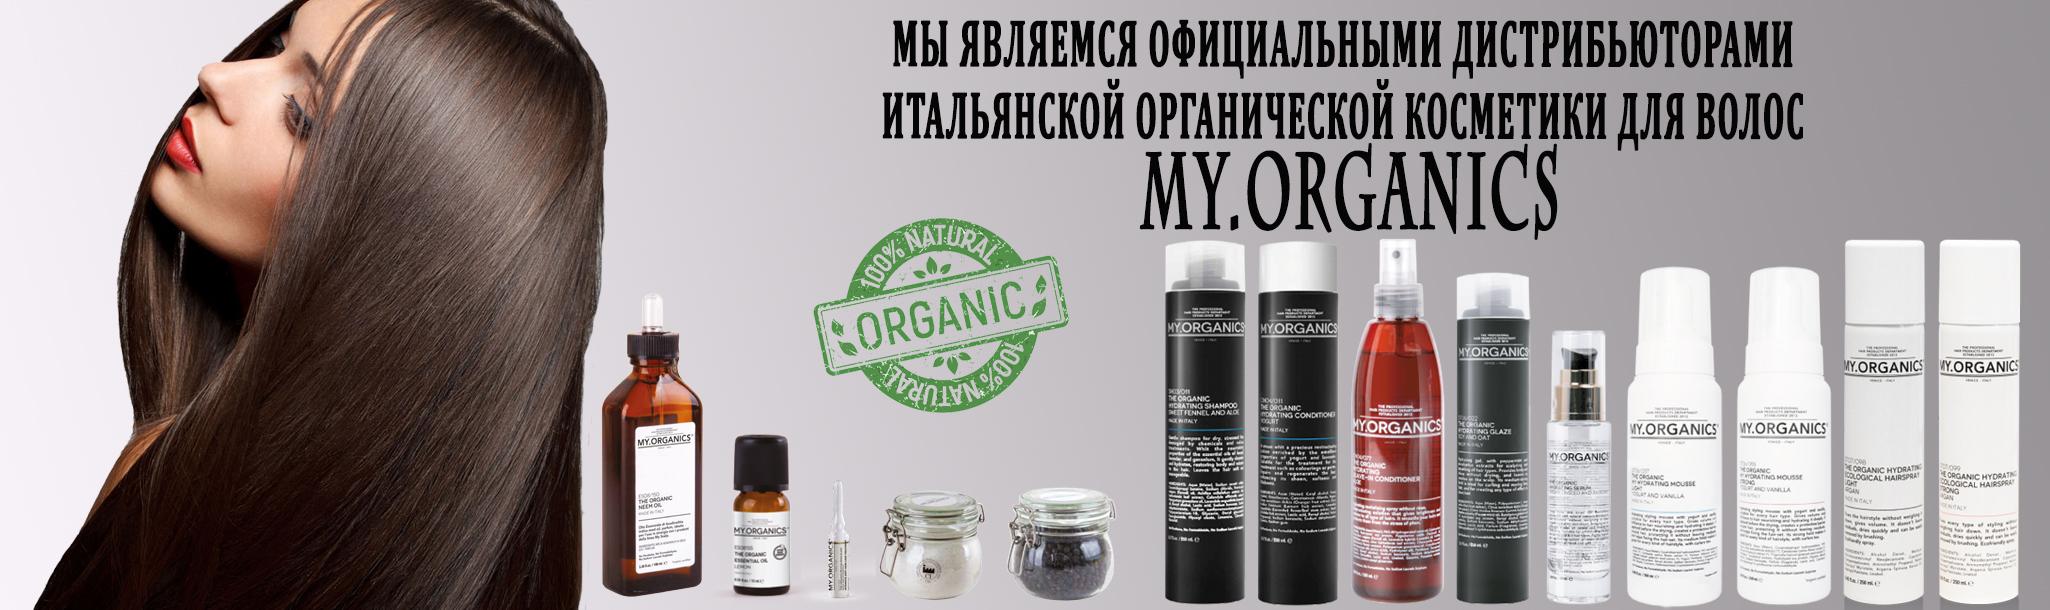 My.organics